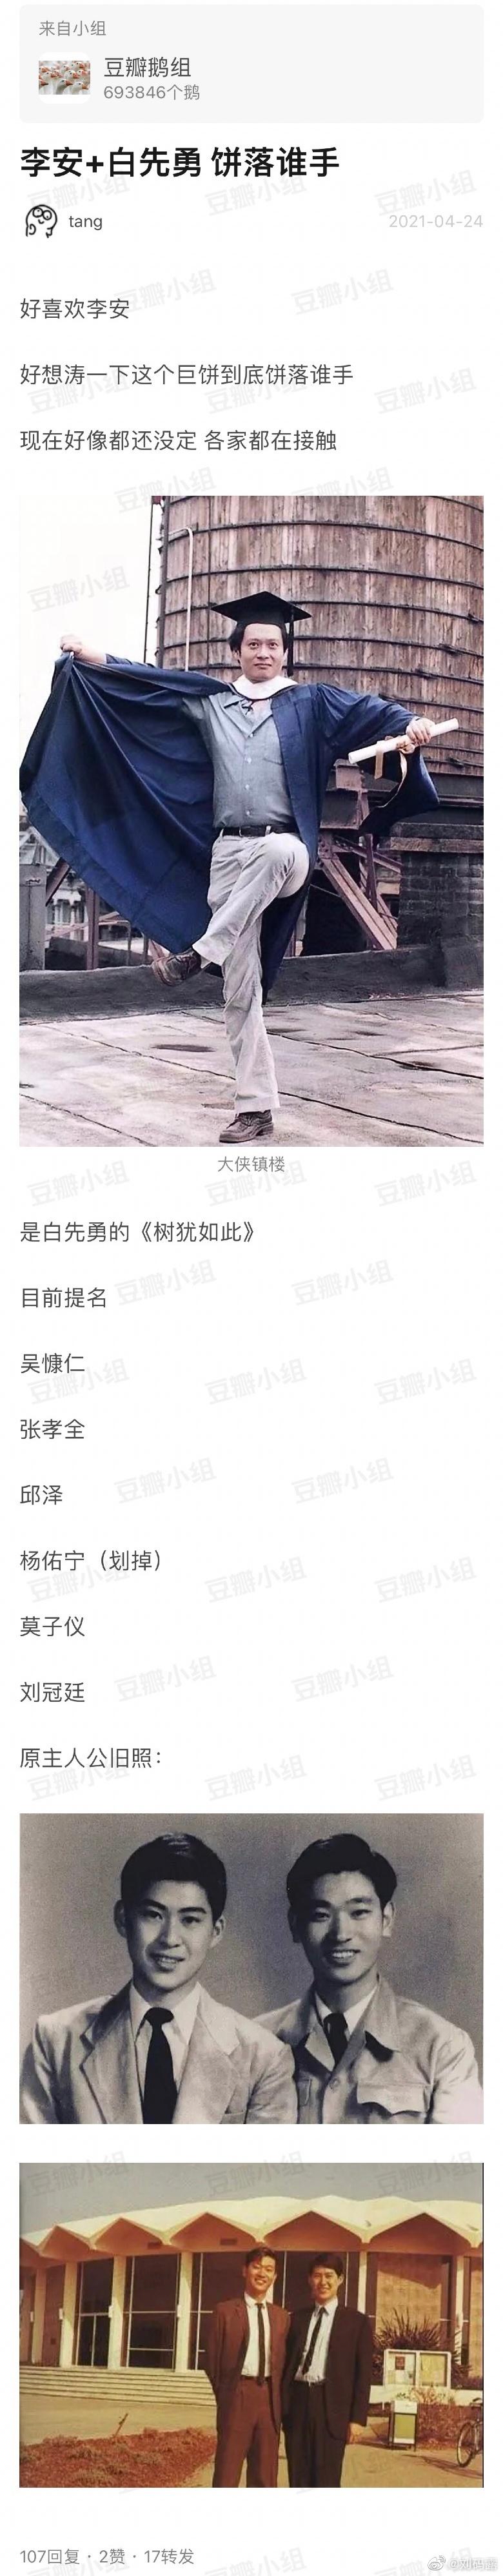 影视资讯网传李安正在筹备的电影项目是白先勇先生的...